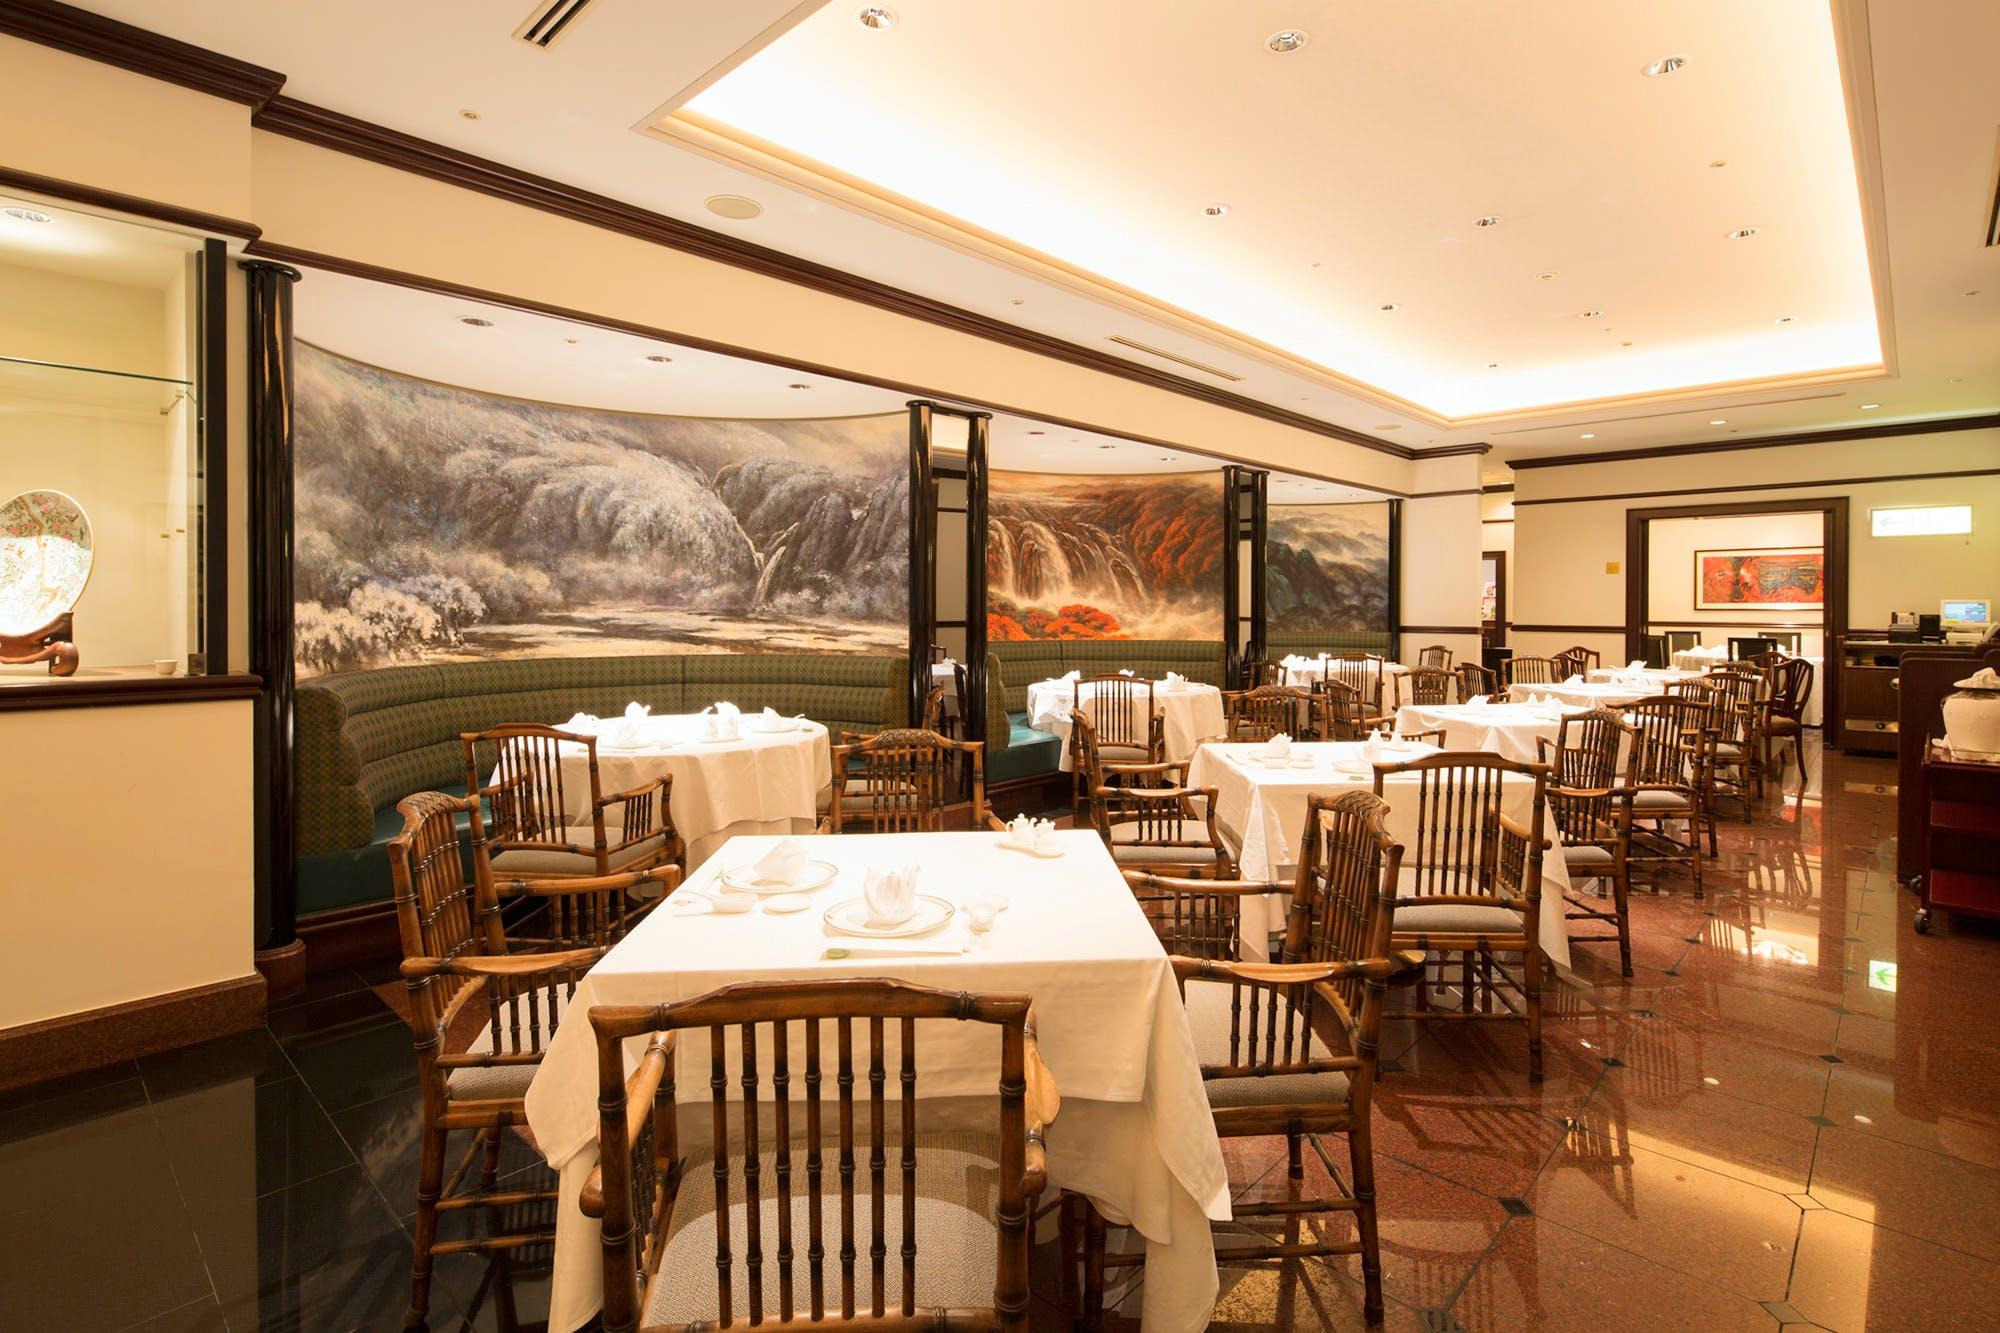 中国料理 桃園/ホテル イースト21東京 ~オークラホテルズ&リゾーツ~